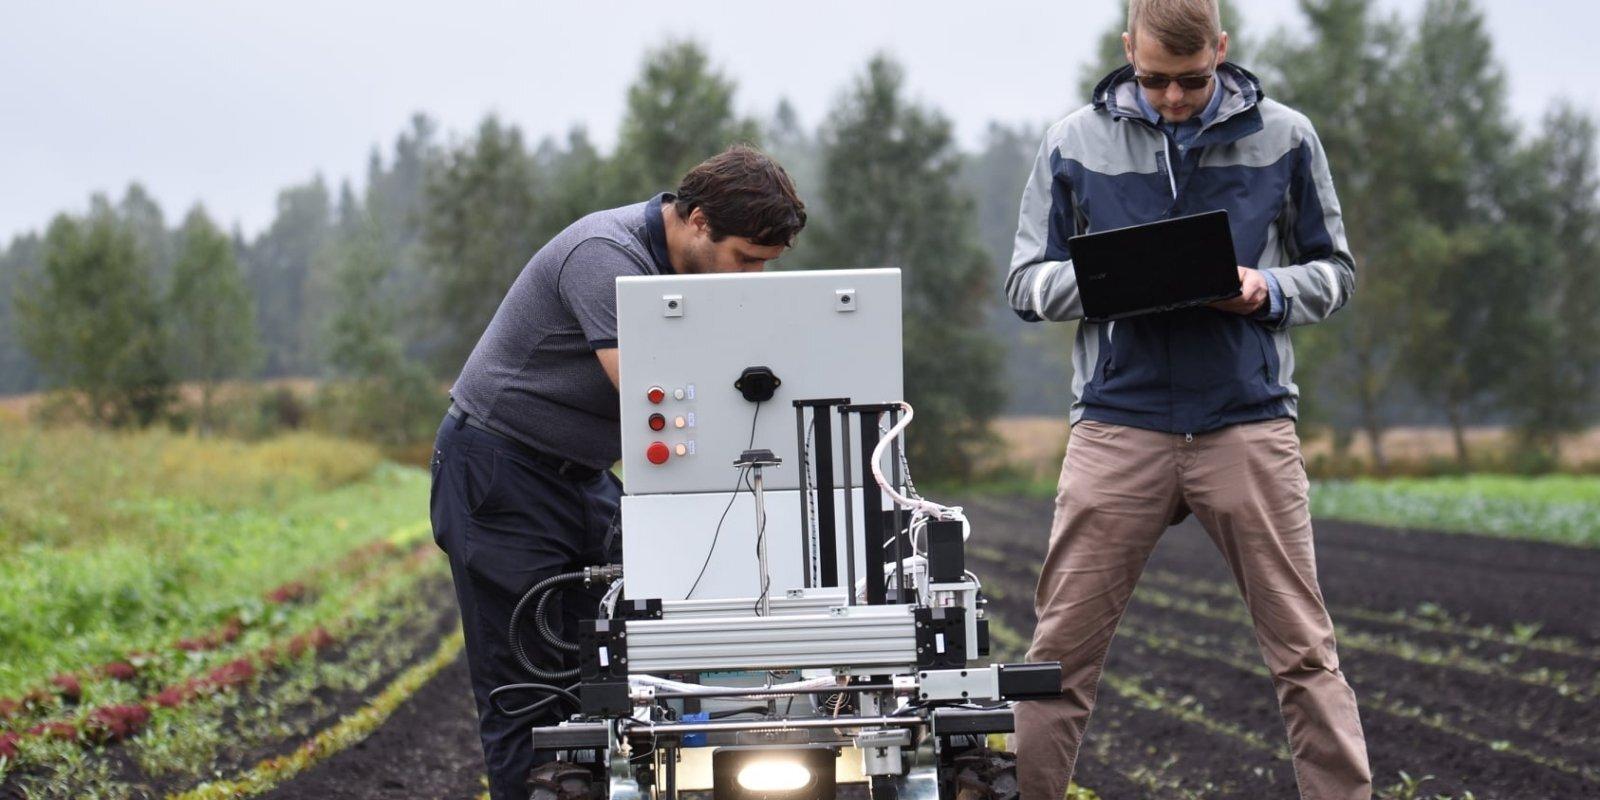 Künstliche Intelligenz statt Chemie auf dem Gemüsebeet